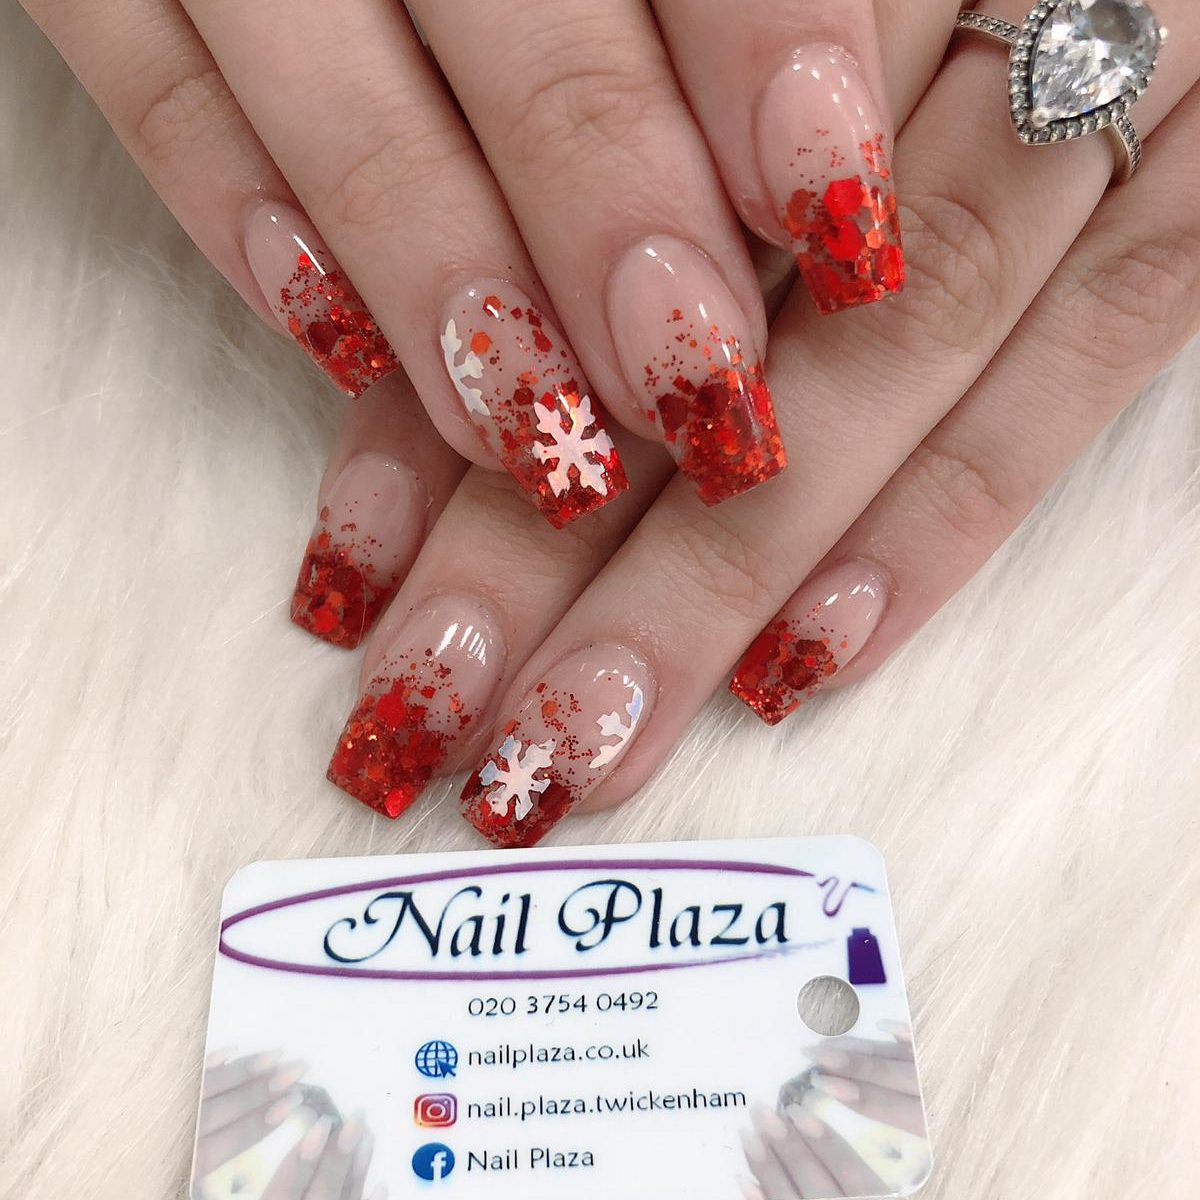 nail-design-211220-14